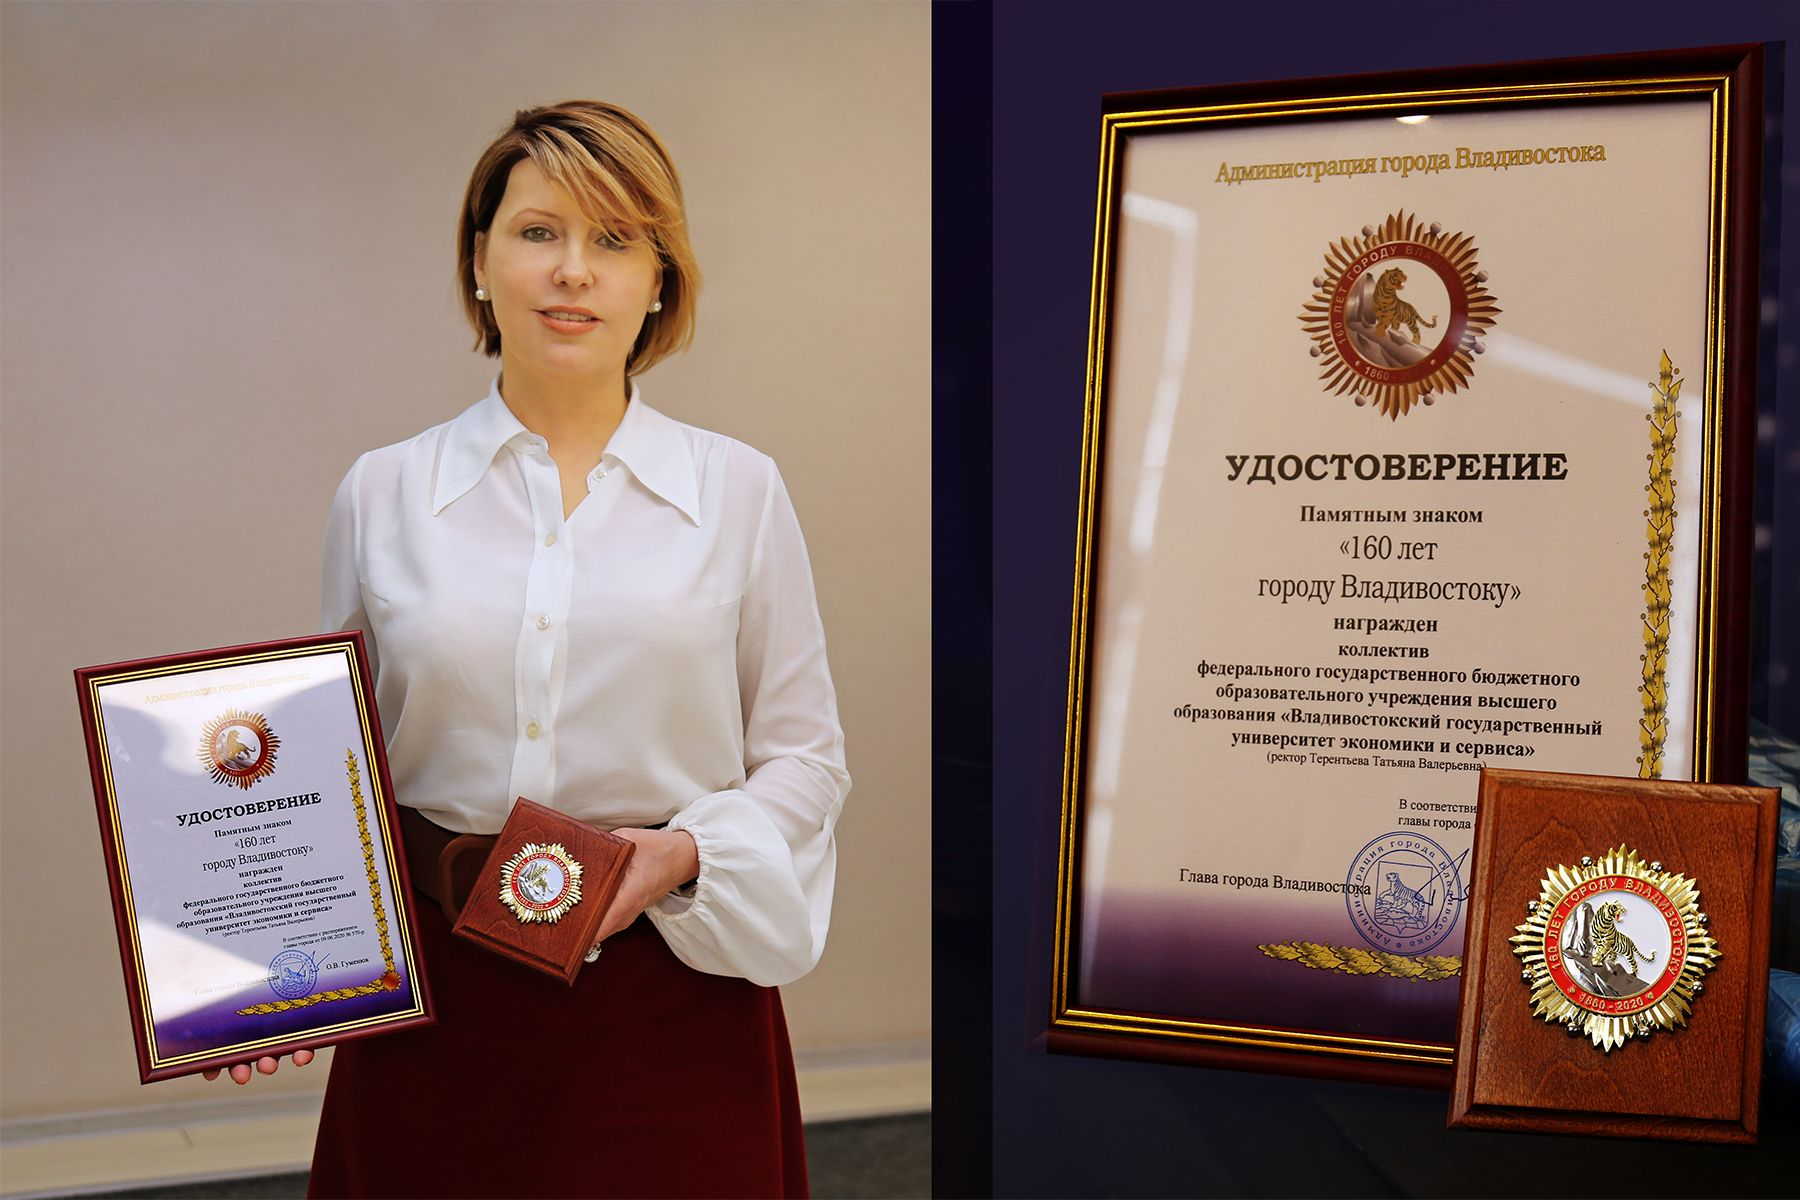 Коллектив ВГУЭС награждён памятным знаком «160 лет городу Владивостоку»